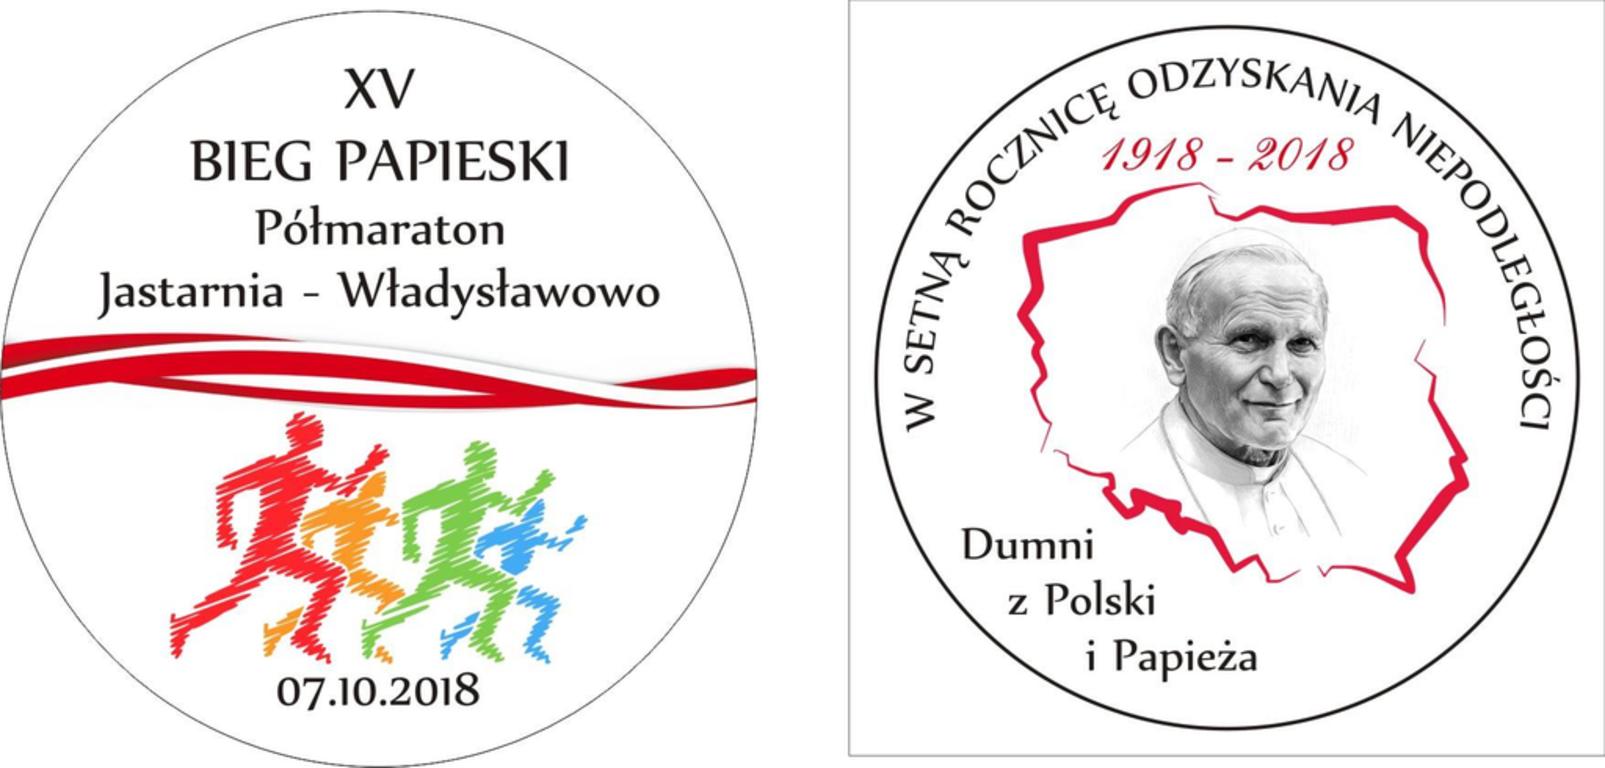 XV Bieg Papieski o memoriał św. Jana Pawła II (link otworzy duże zdjęcie)